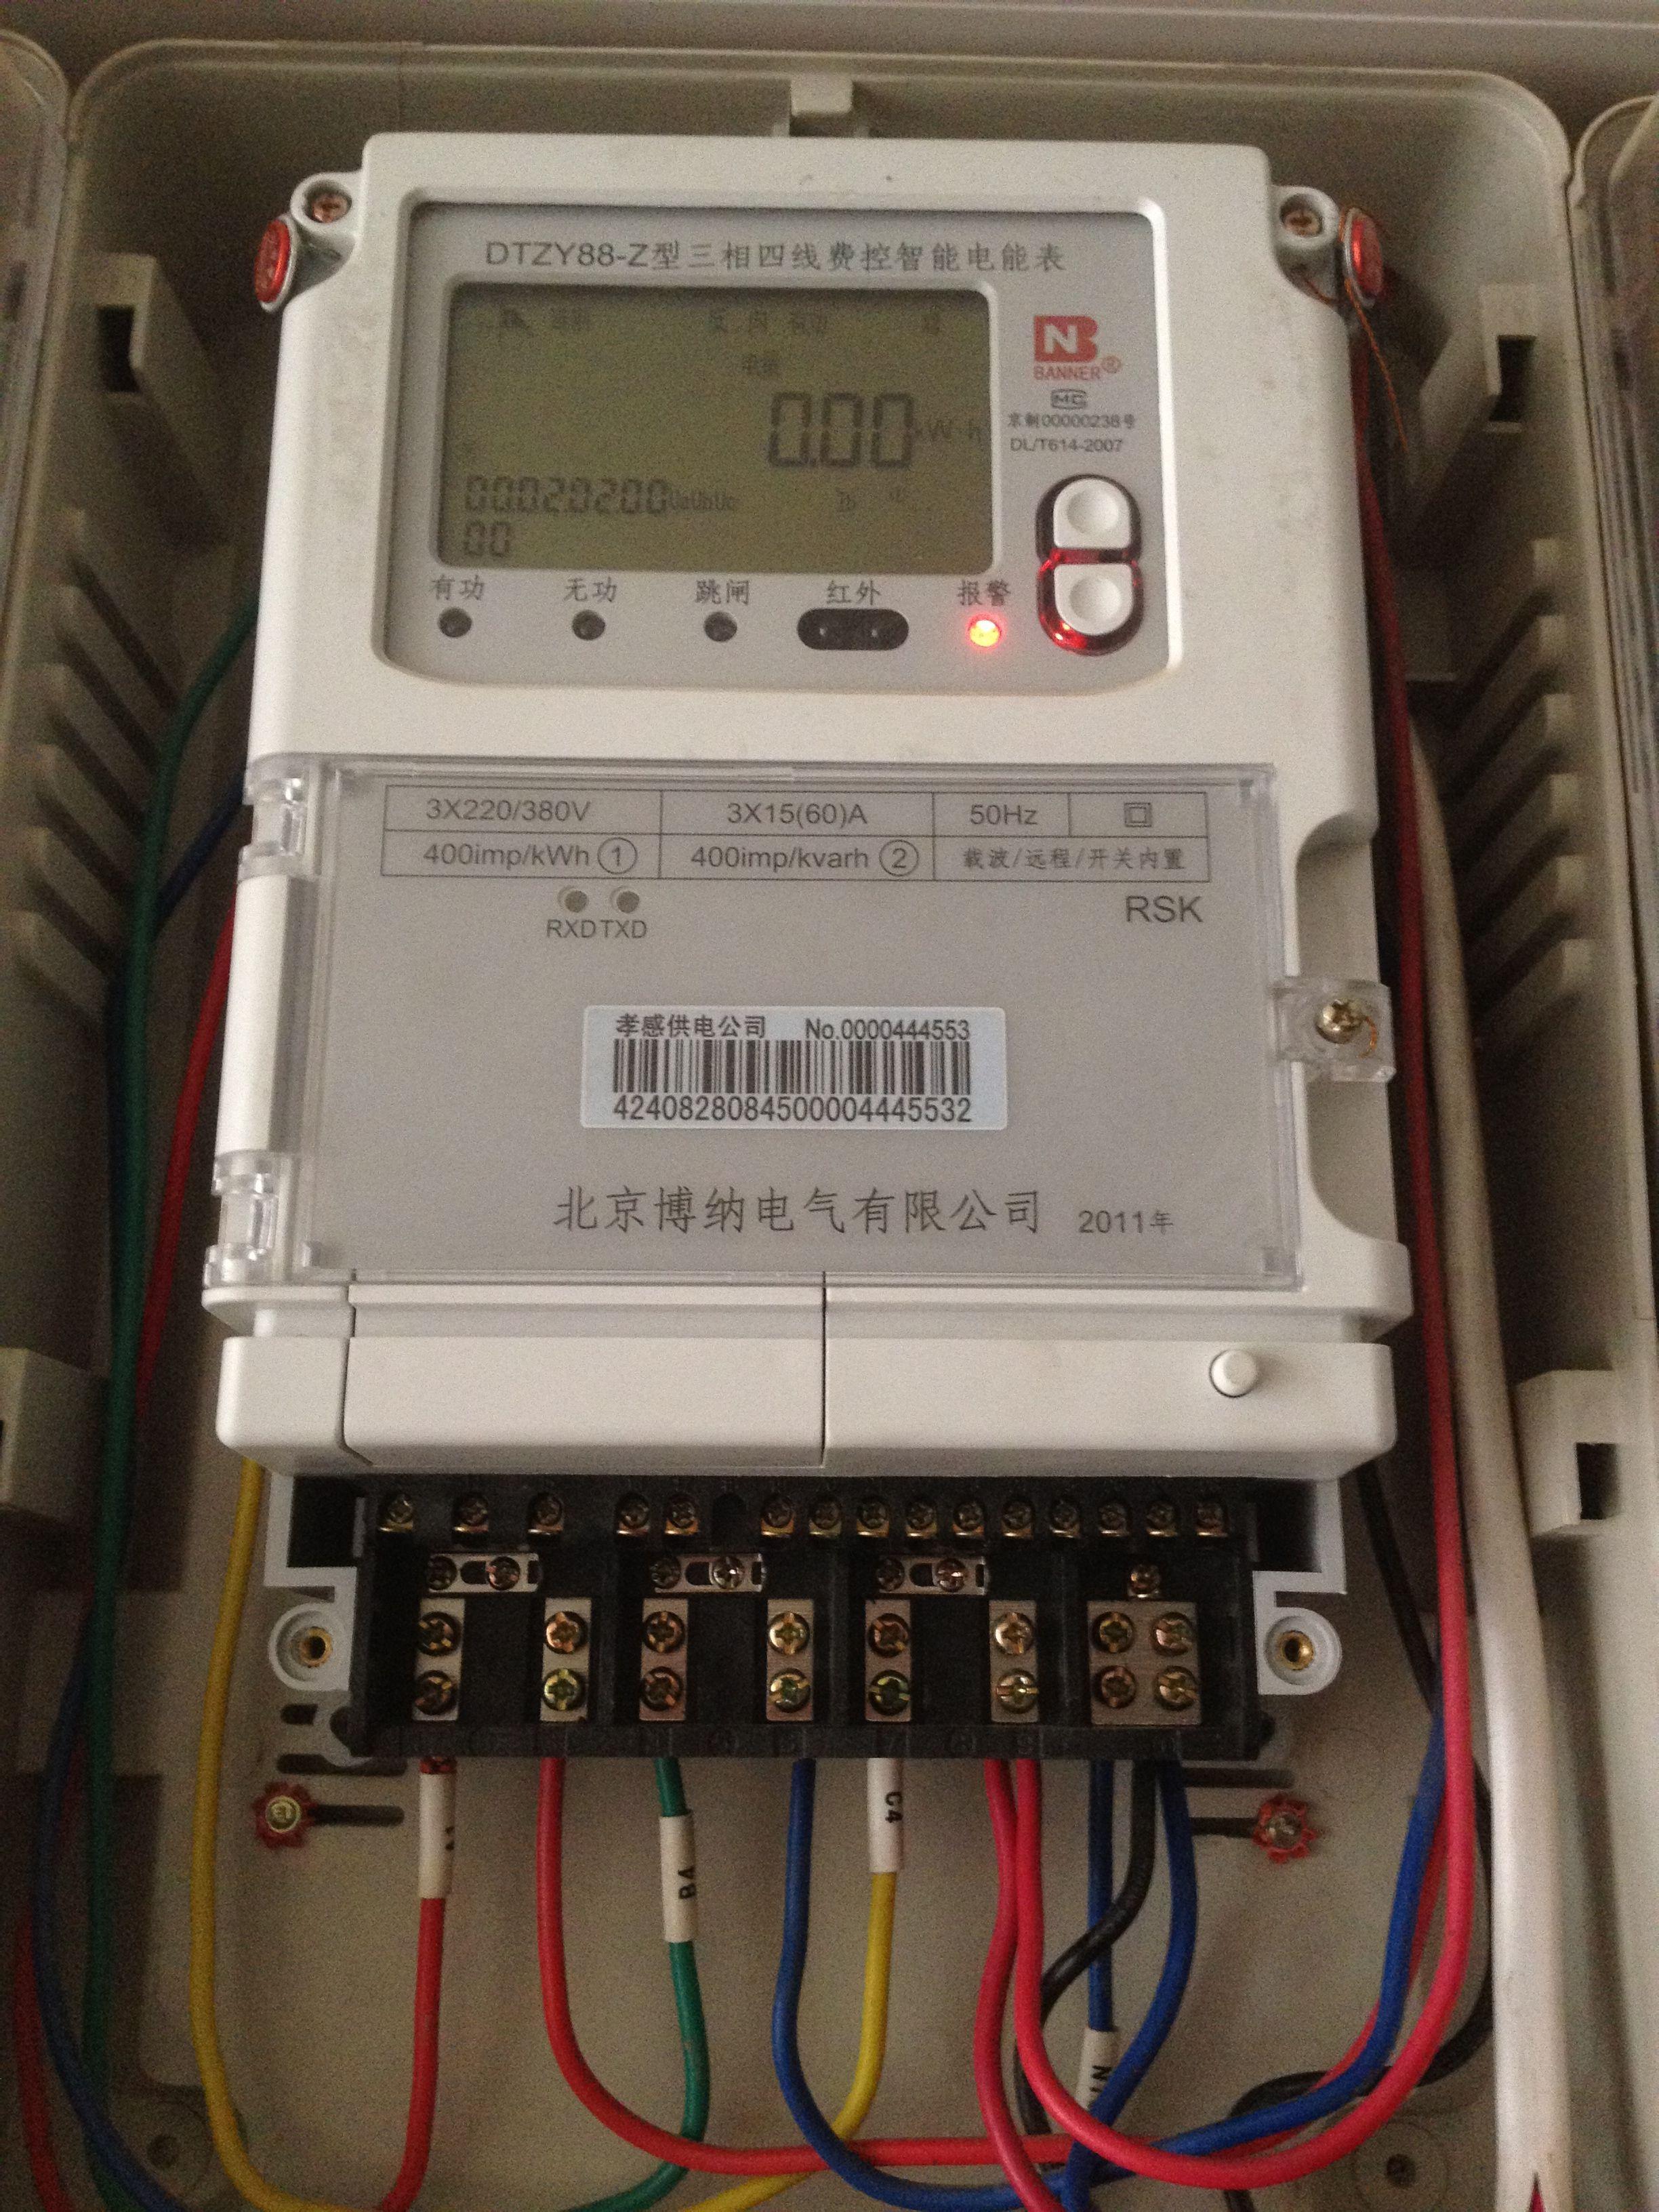 20 邀请更新  2012-10-30   最佳答案 1,检查电表盒采集终端档案是否